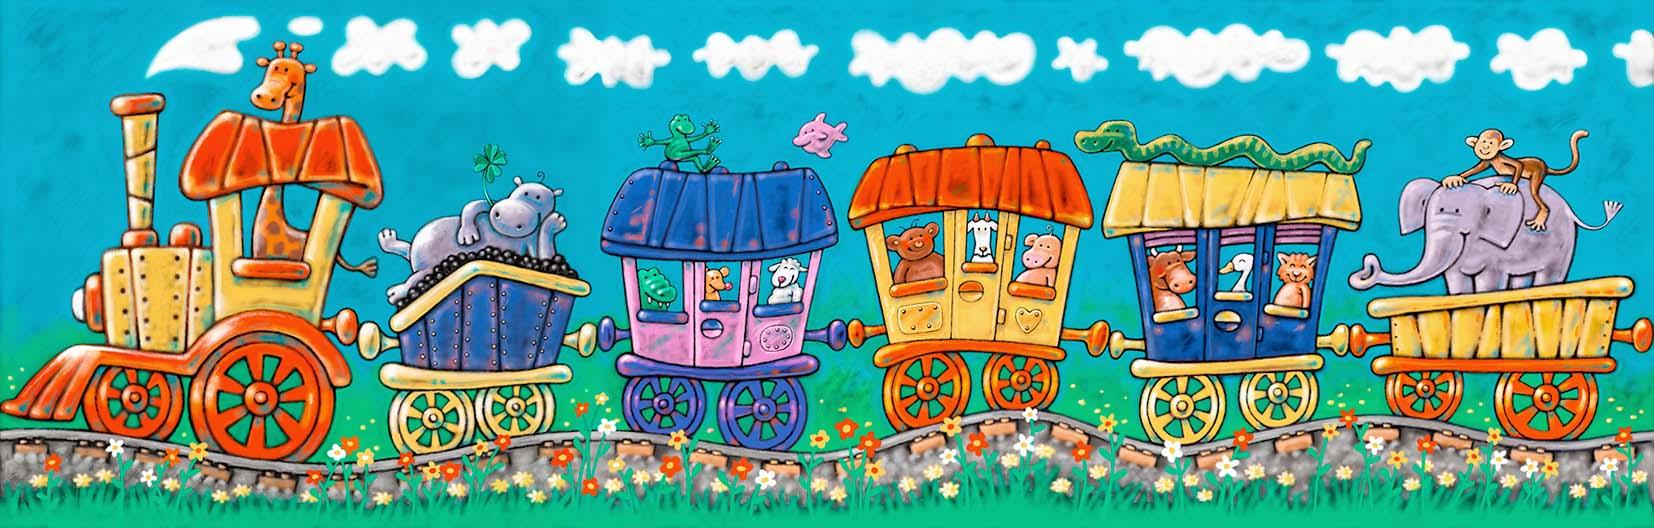 Tapeten-Design, Kinderzimmer-Tapete, A.S. Création Tapeten AG